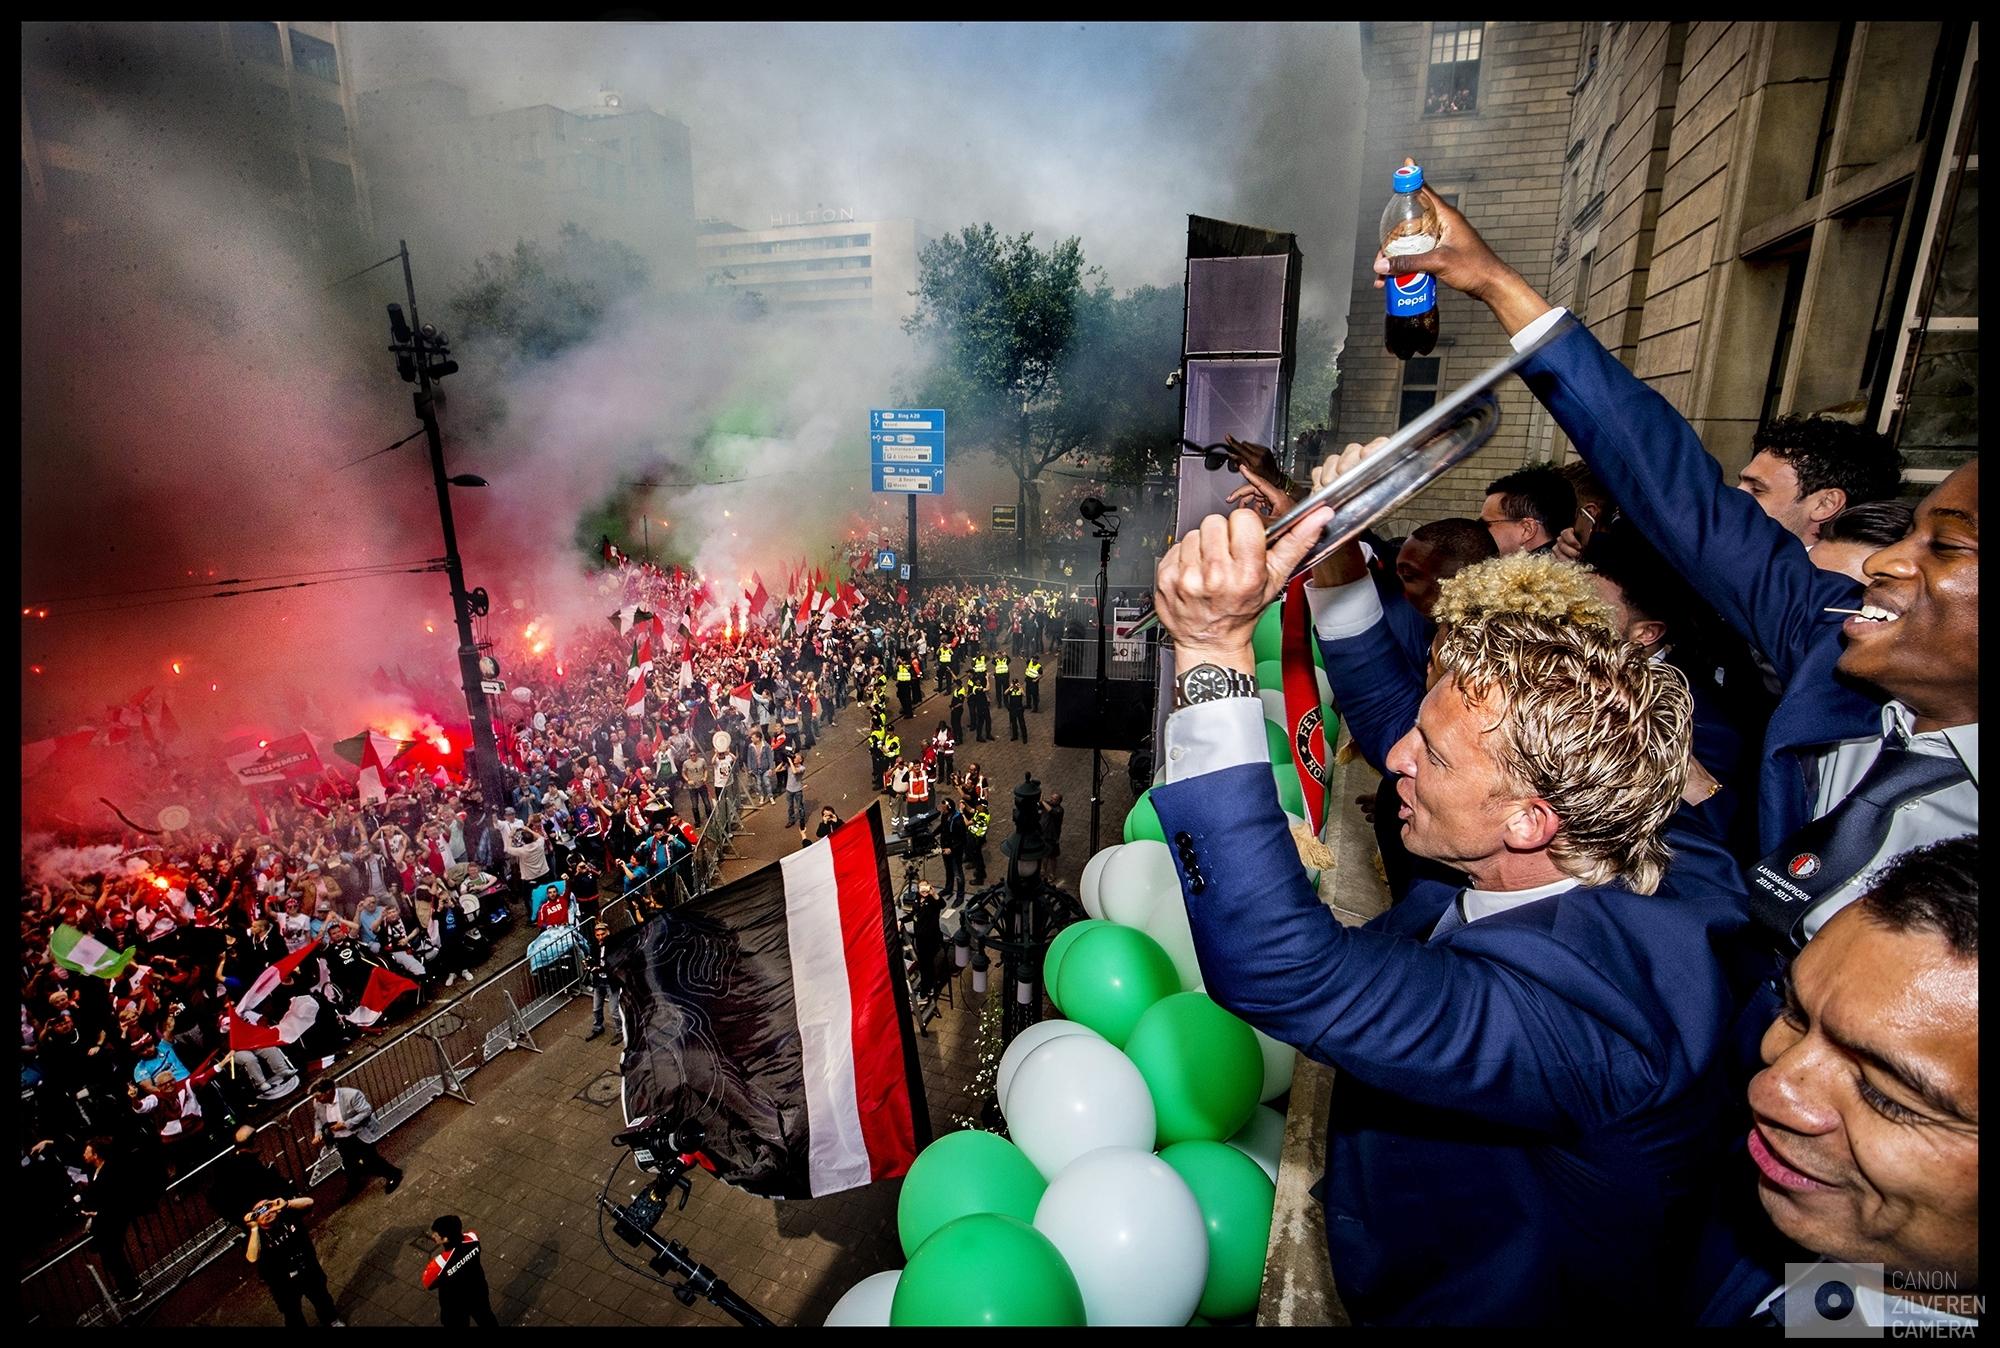 Nederland, Rotterdam, 15-05-2017Serie landskampioenschap Feyenoord seizoen 2016/2017Foto 9Vanaf het bordes van het Rotterdamse stadhuis toont Dirk Kuyt samen met trainer Giovanni van Bronckhorst de schaal. Het publiek ontploft van vreugde en steekt massaal de rood-witte fakkels aan.